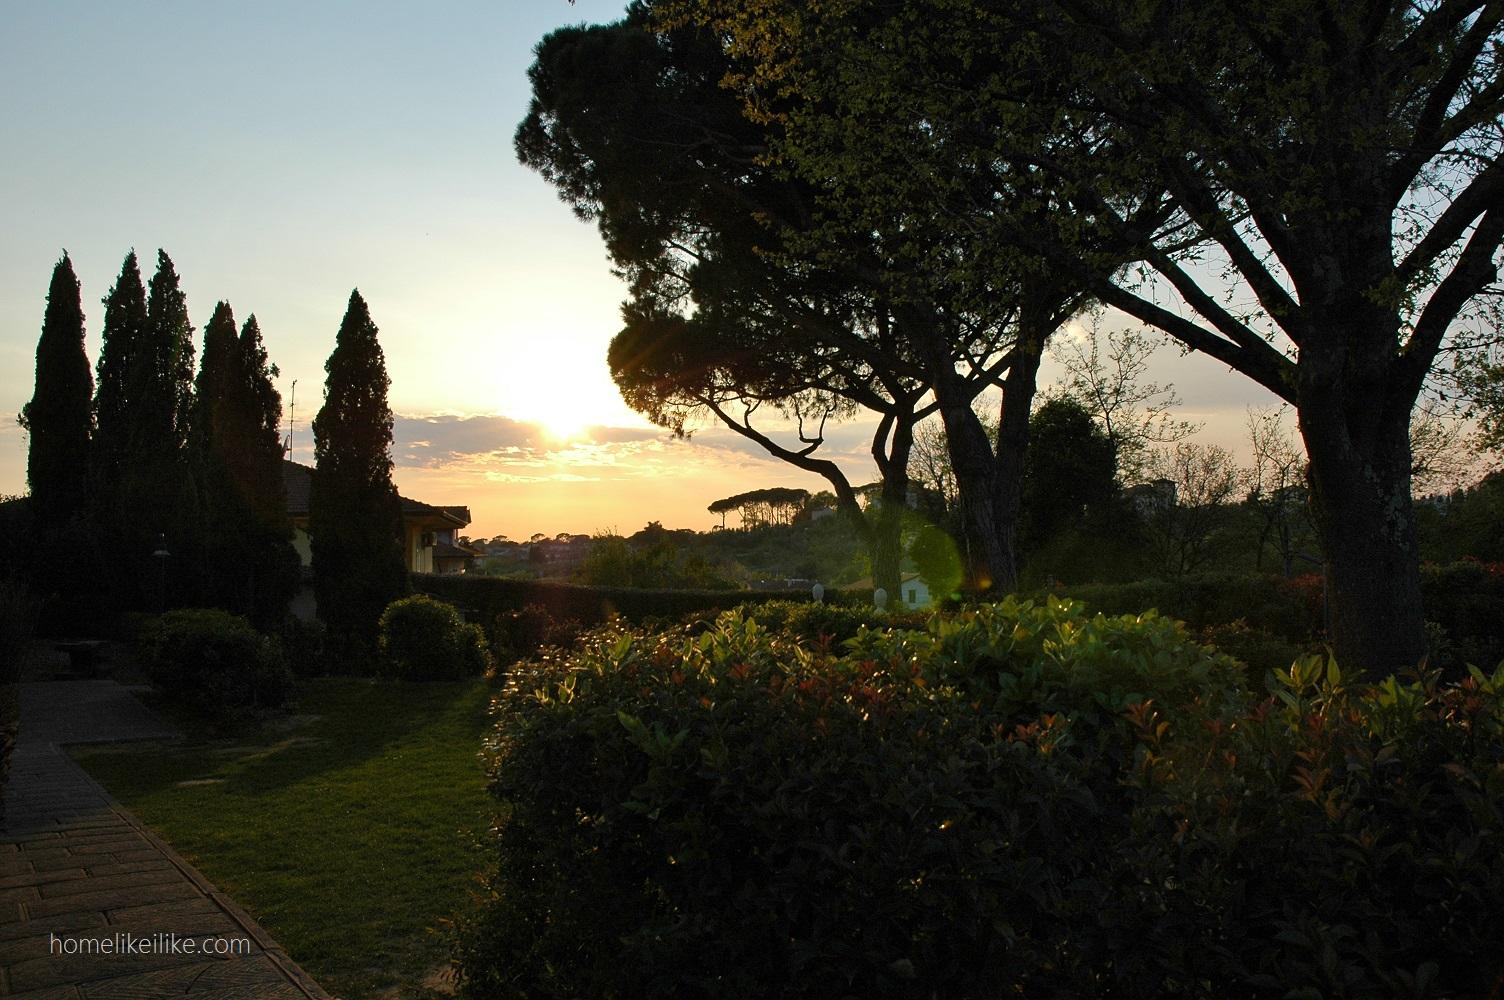 tuscany - homelikeilike.com